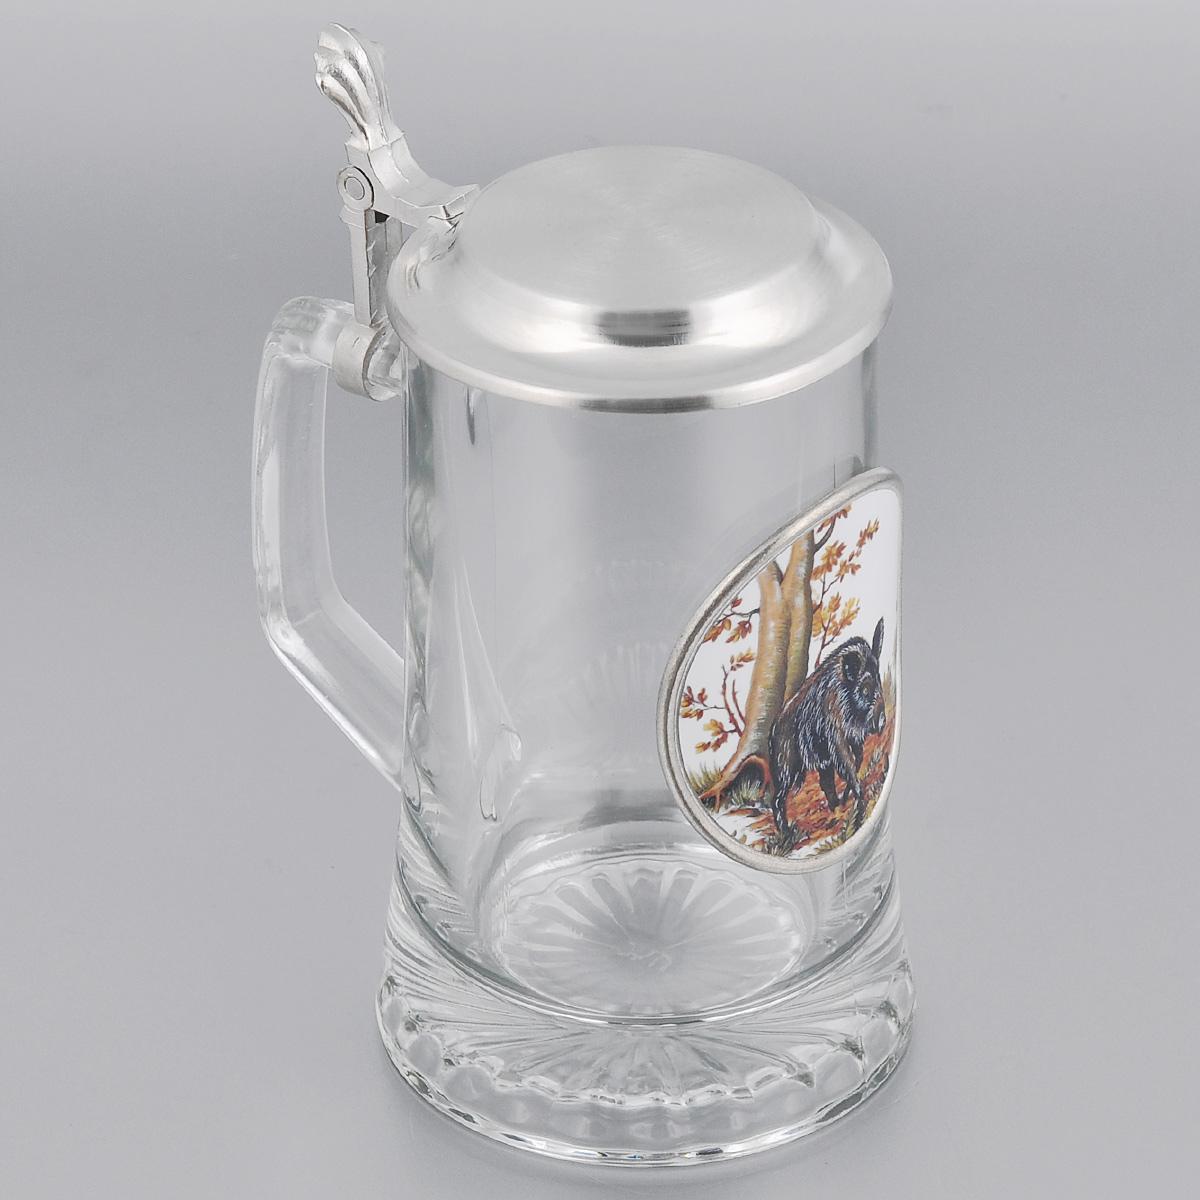 Пивная кружка коллекционная Охота с крышкой, 0,5л. Размер: 18см sks artina пивная кружка коллекционная охота на кабана с крышкой 0 5л стекло олово 95